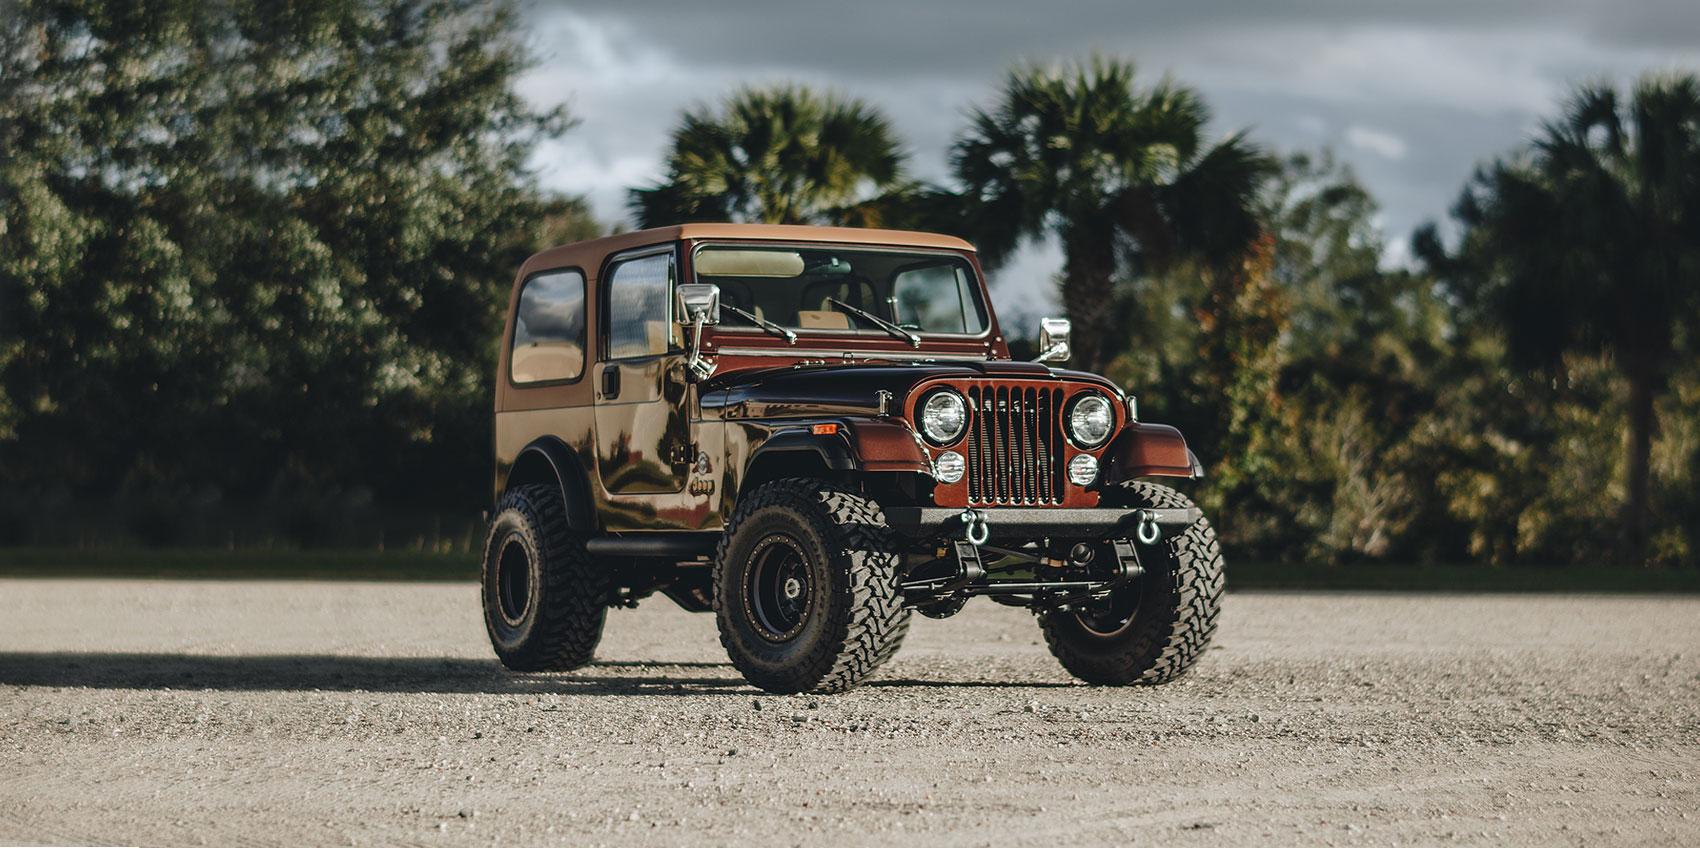 1984 Brown Jeep CJ7